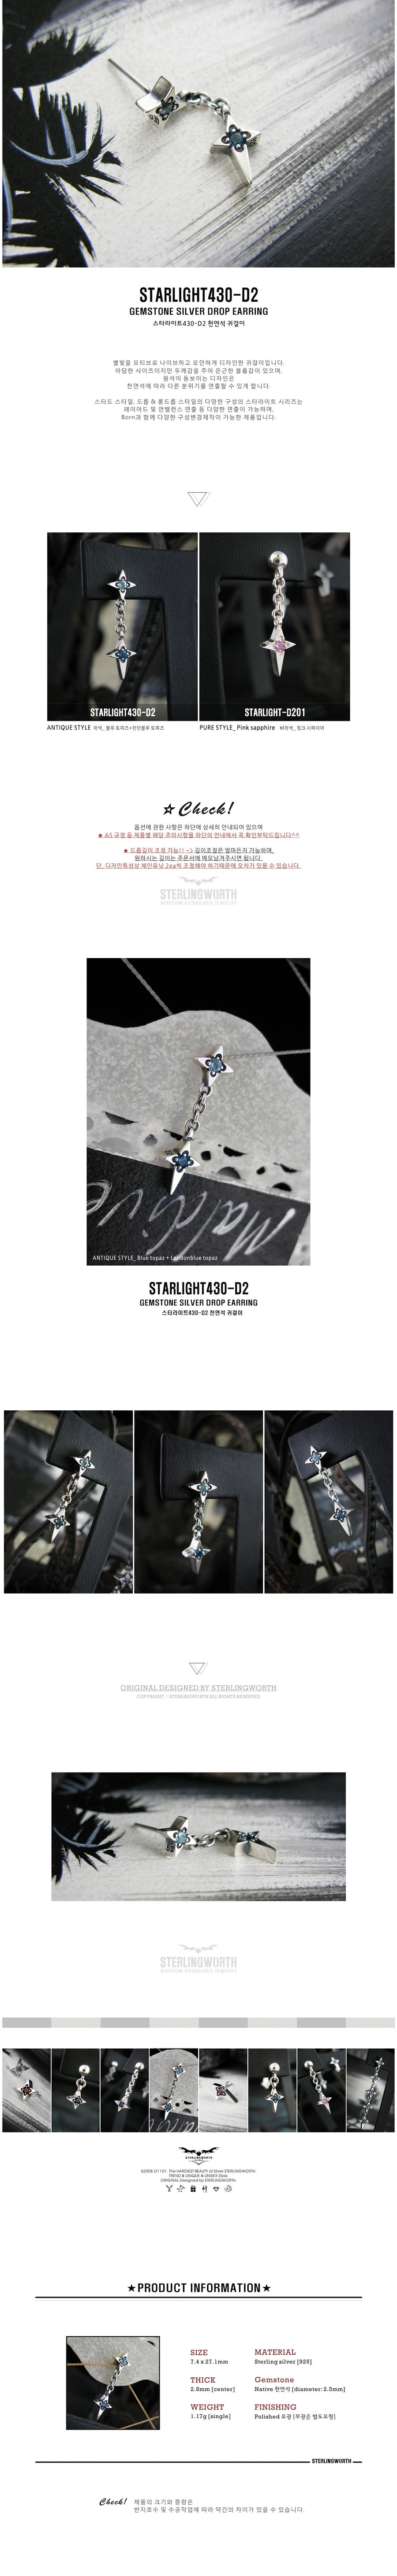 스털링워스(STERLINGWORTH) Starlight430-D2 천연석 실버 십자가 드롭 귀걸이